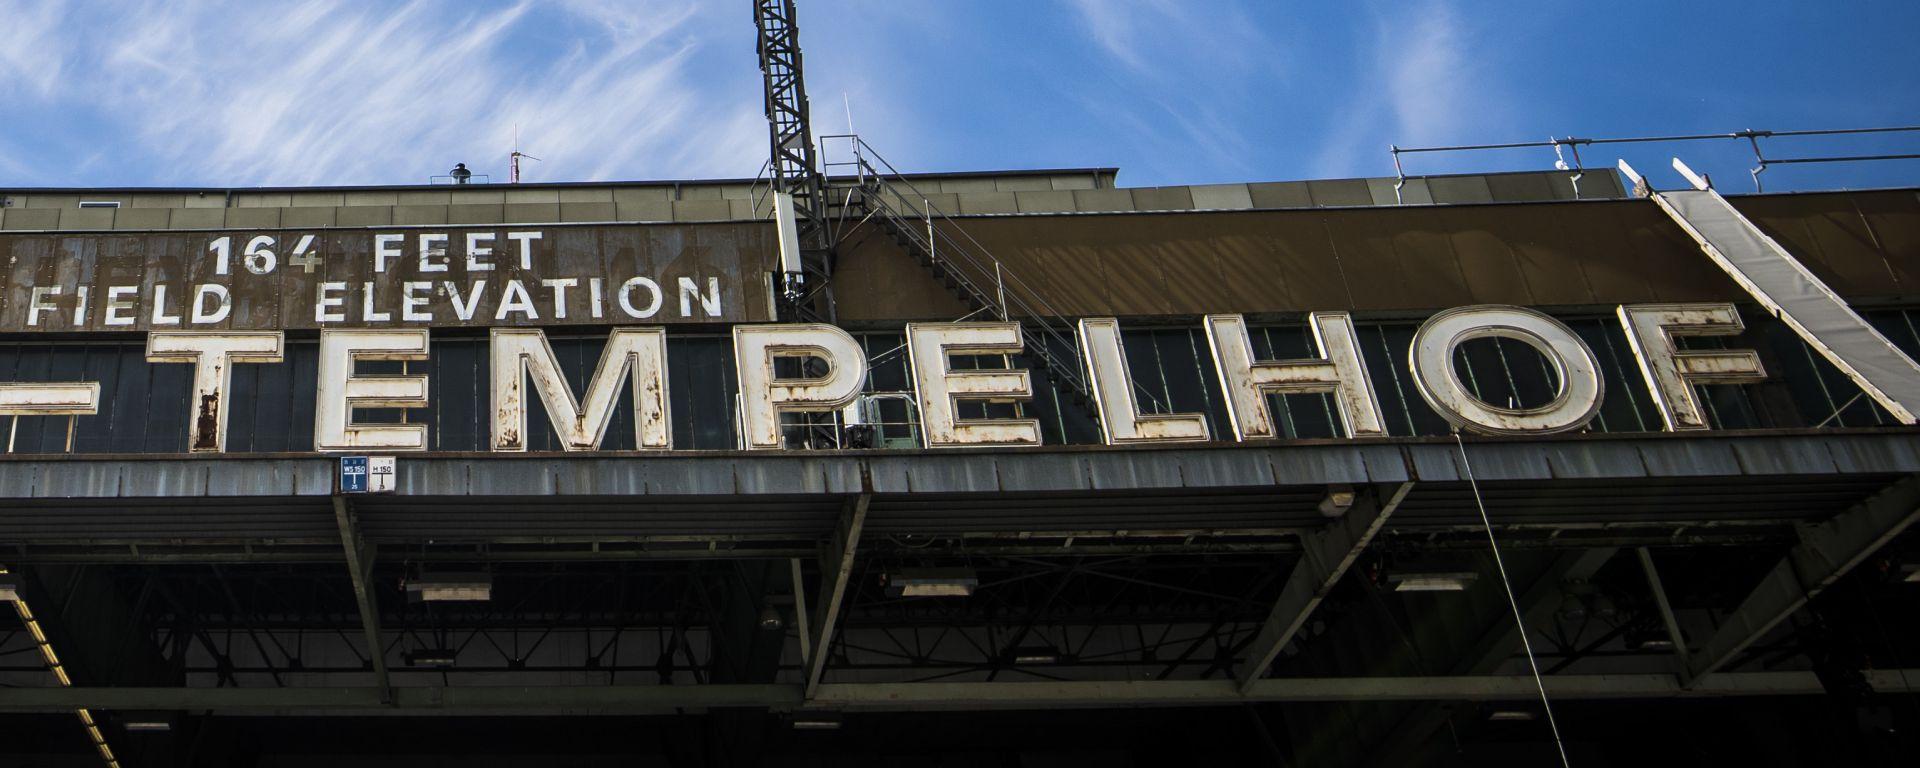 L'insegna di Tempelhof, il vecchio aeroporto di Berlino